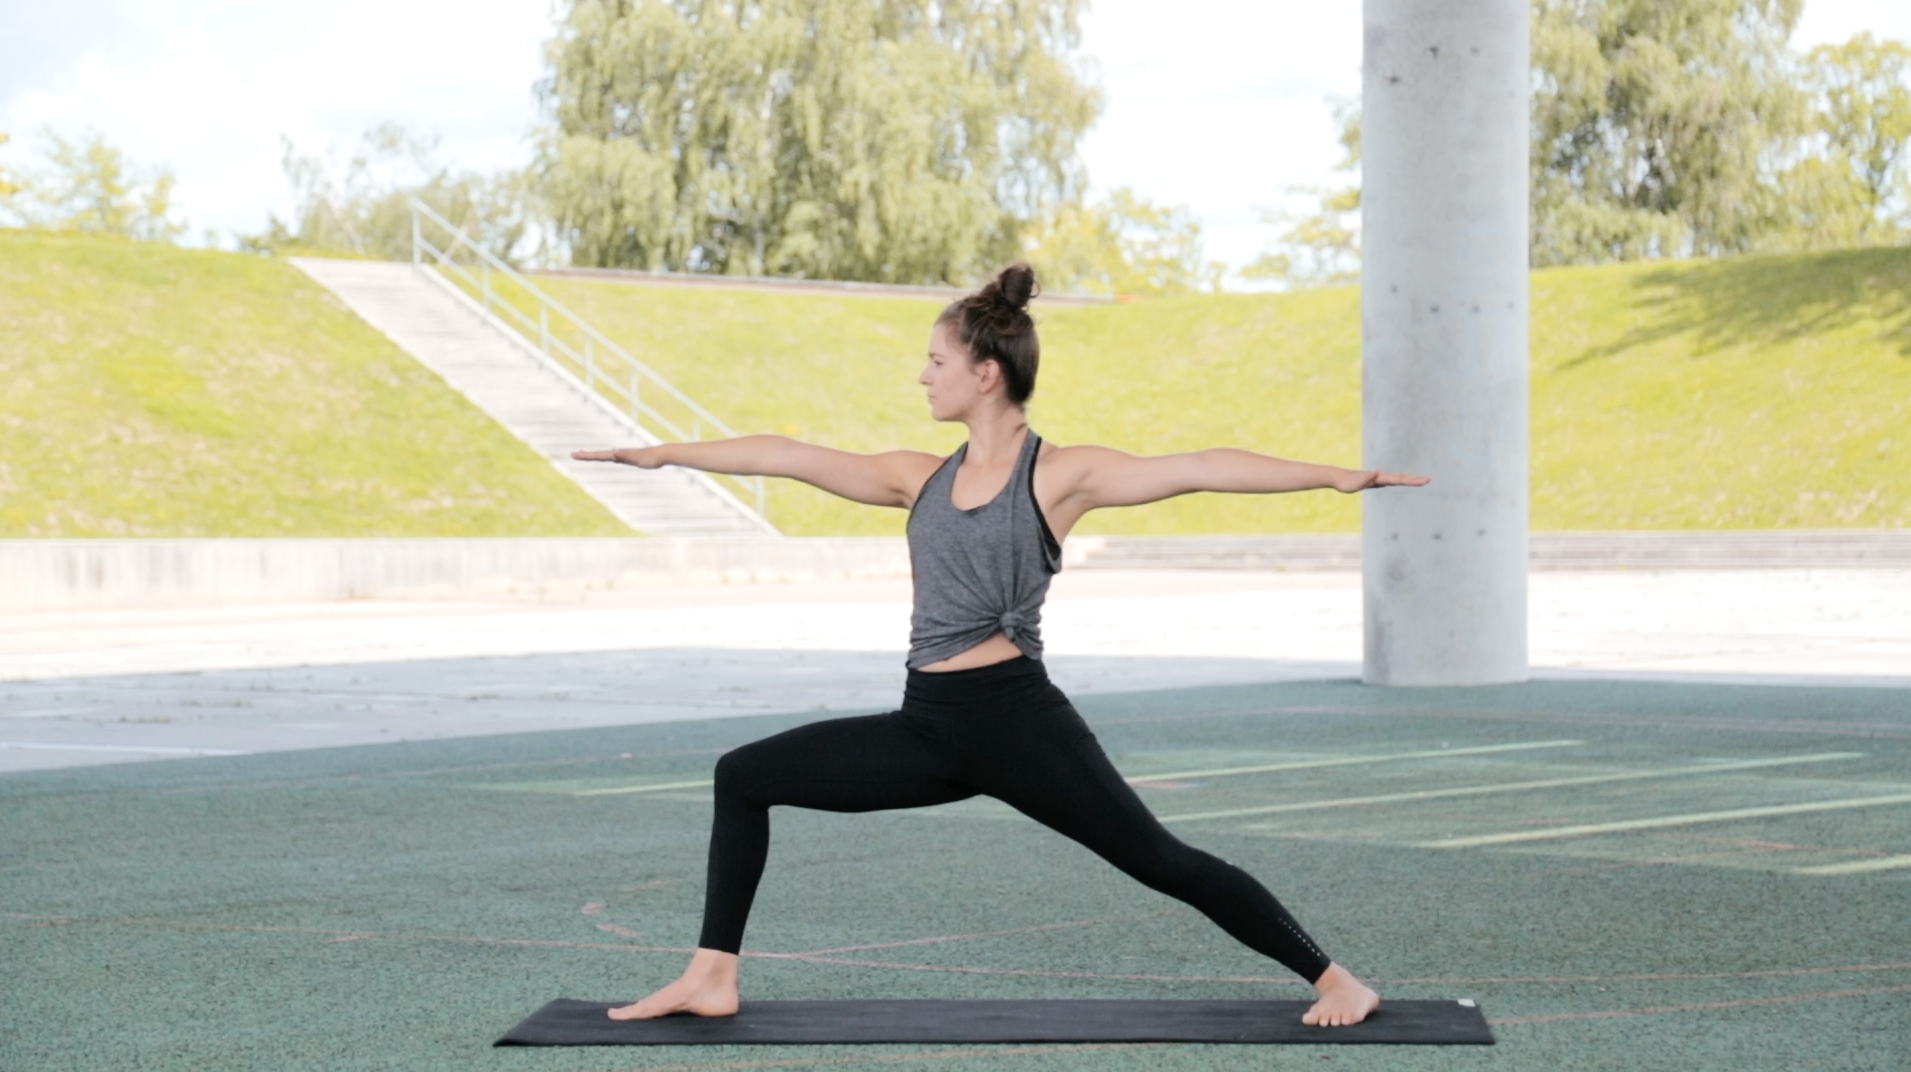 Mady-Morrison-yoga-Warrior-Flow-00008